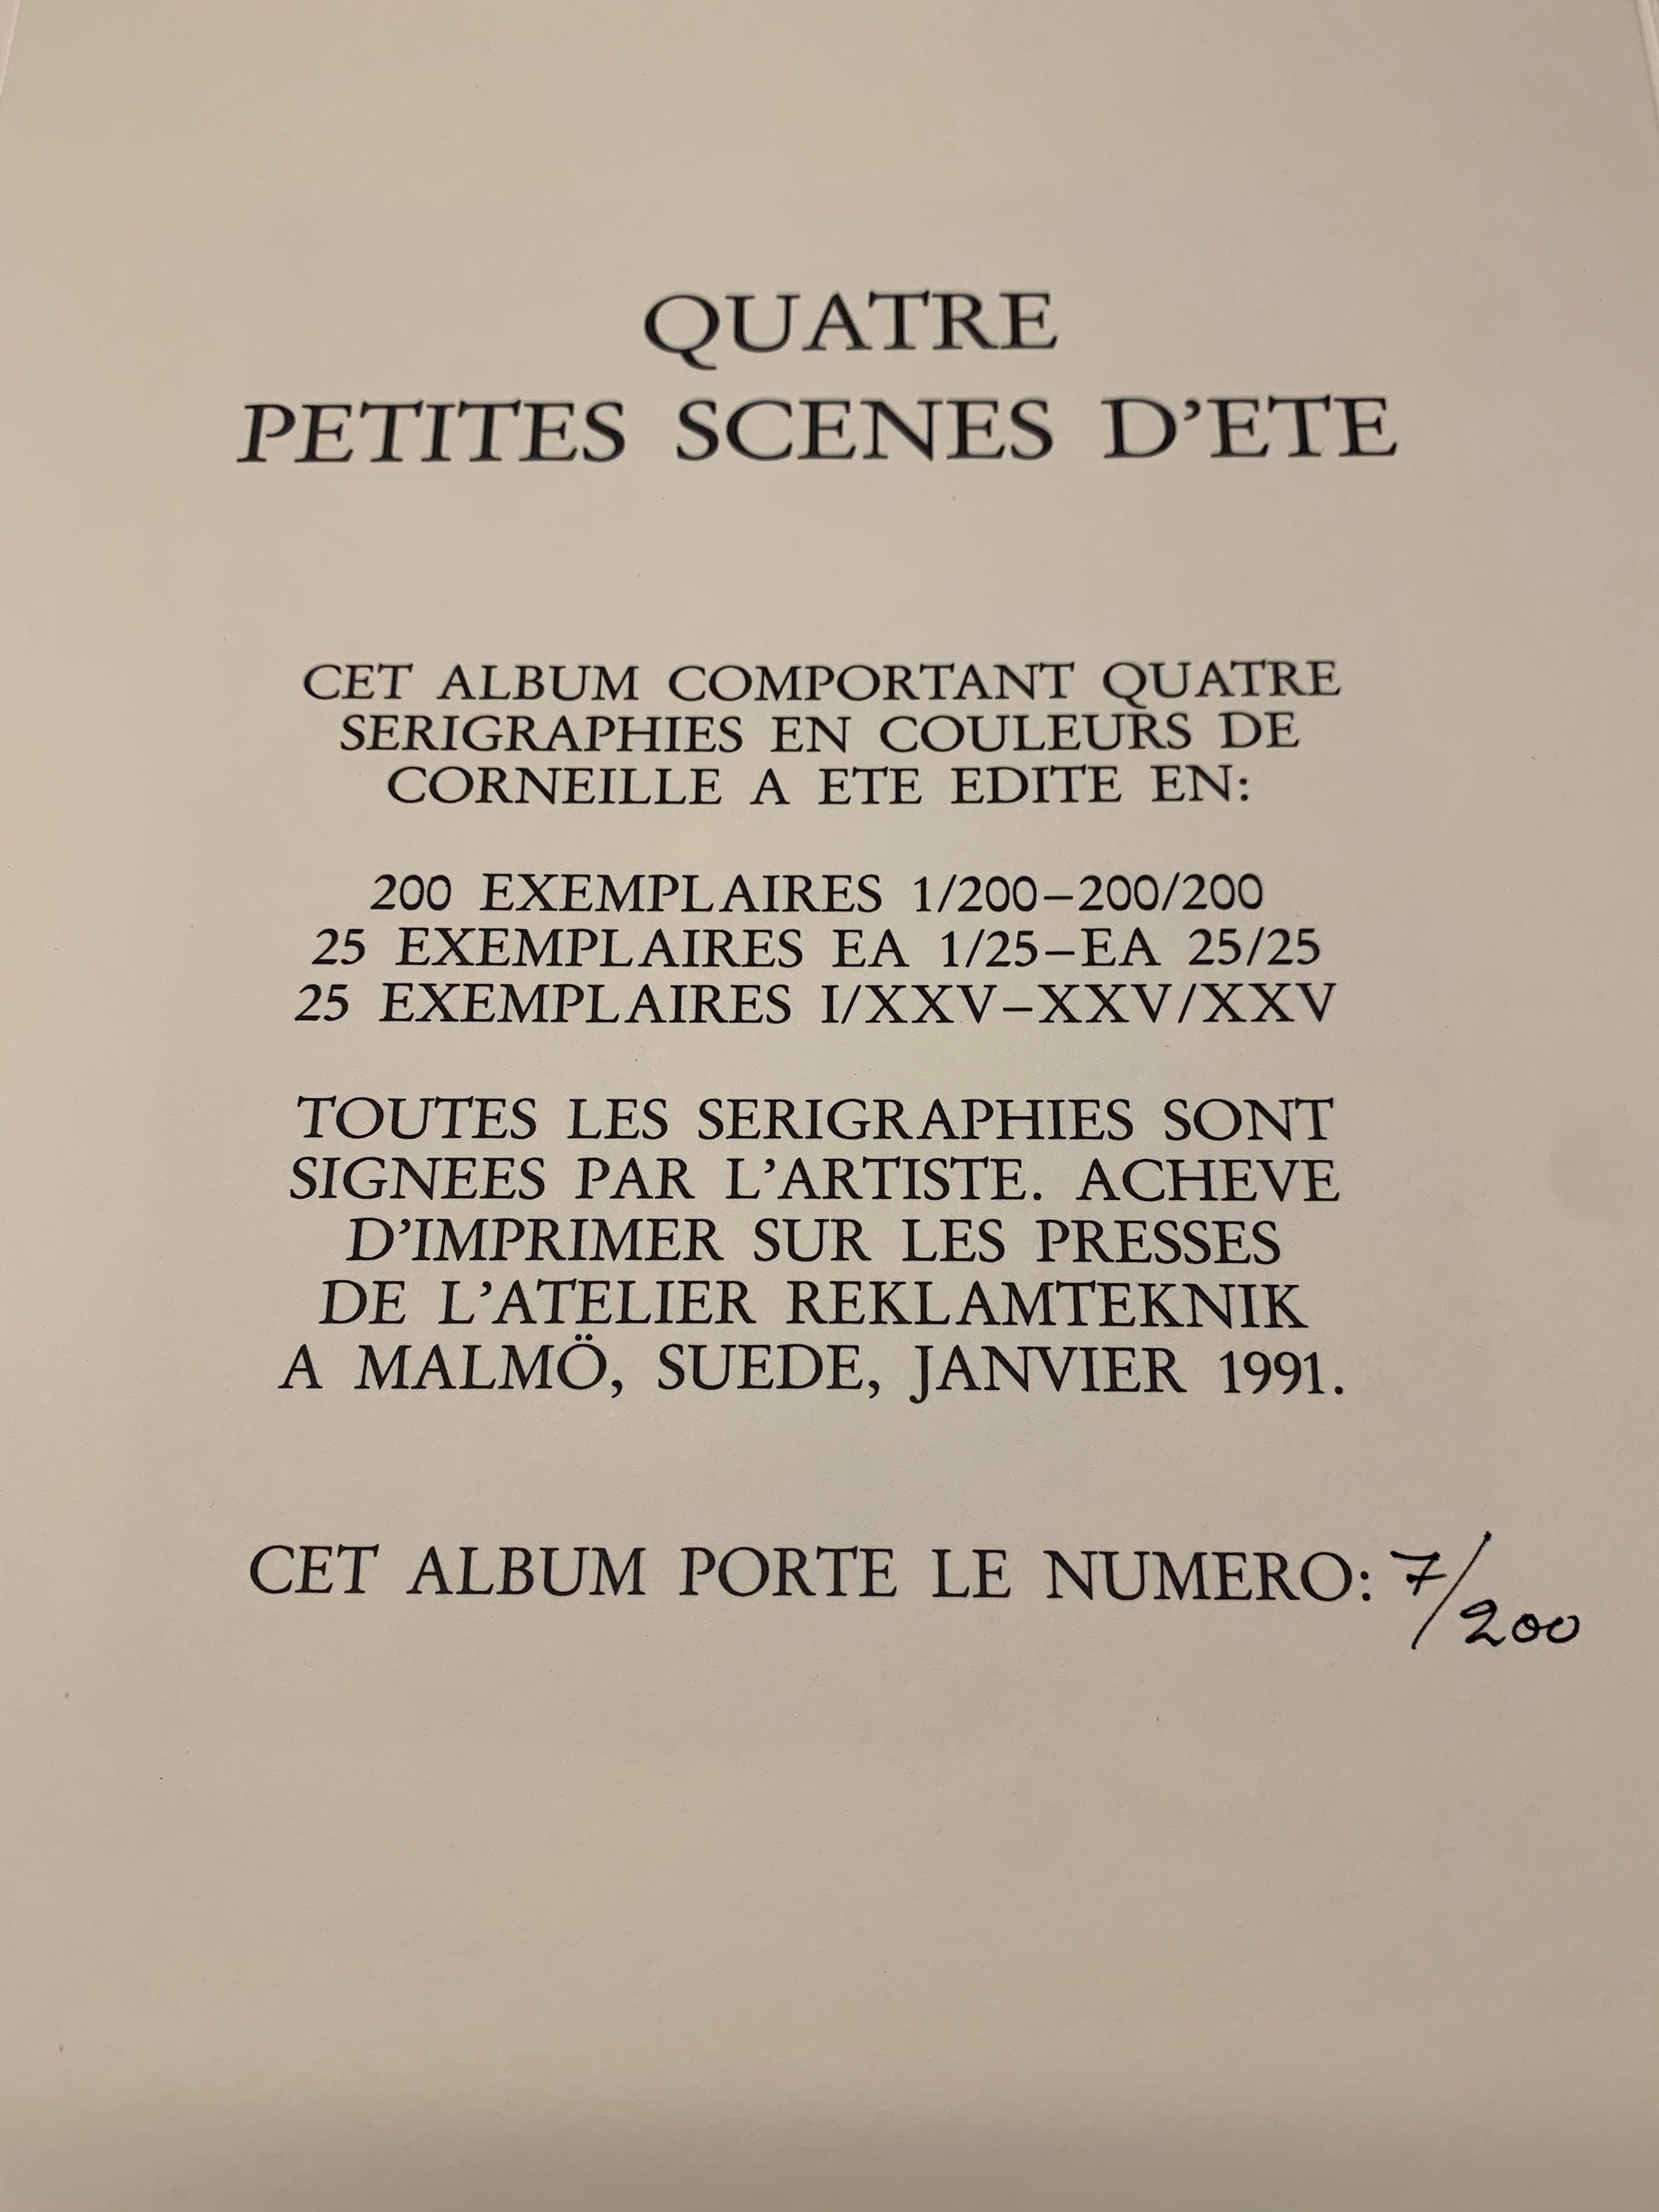 Corneille - Quatre petites scenes d'ete (Portfolio met 4 zeefdrukken) kopen? Bied vanaf 475!